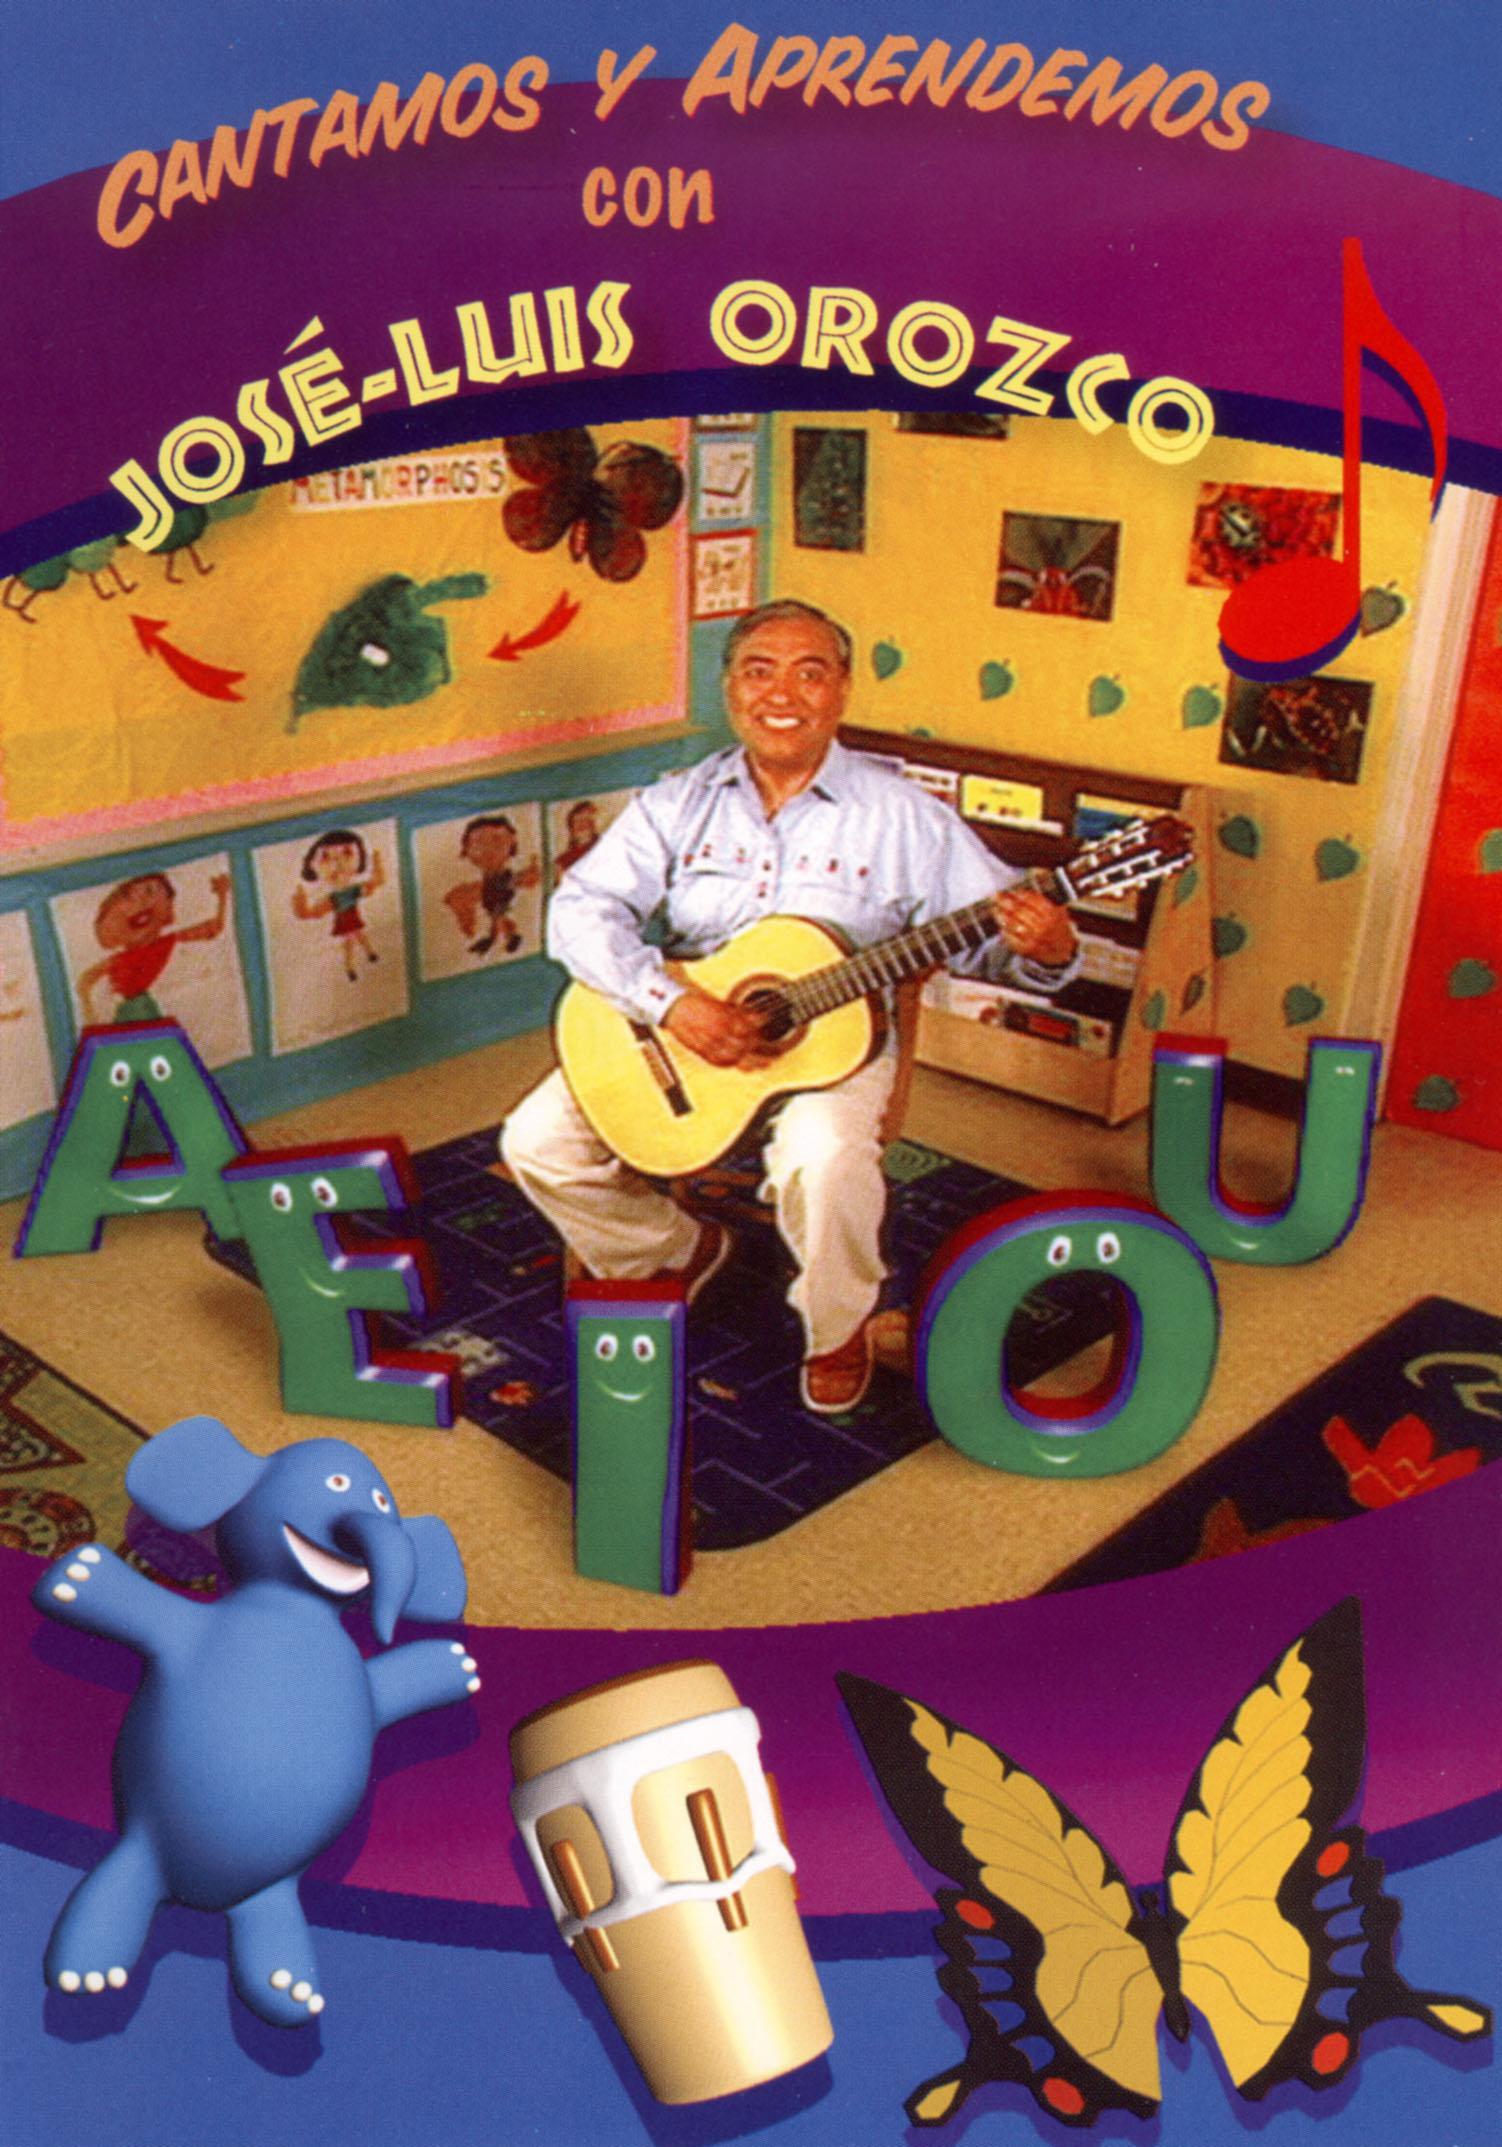 Jose Luis Orozco: Cantamos y Aprendemos